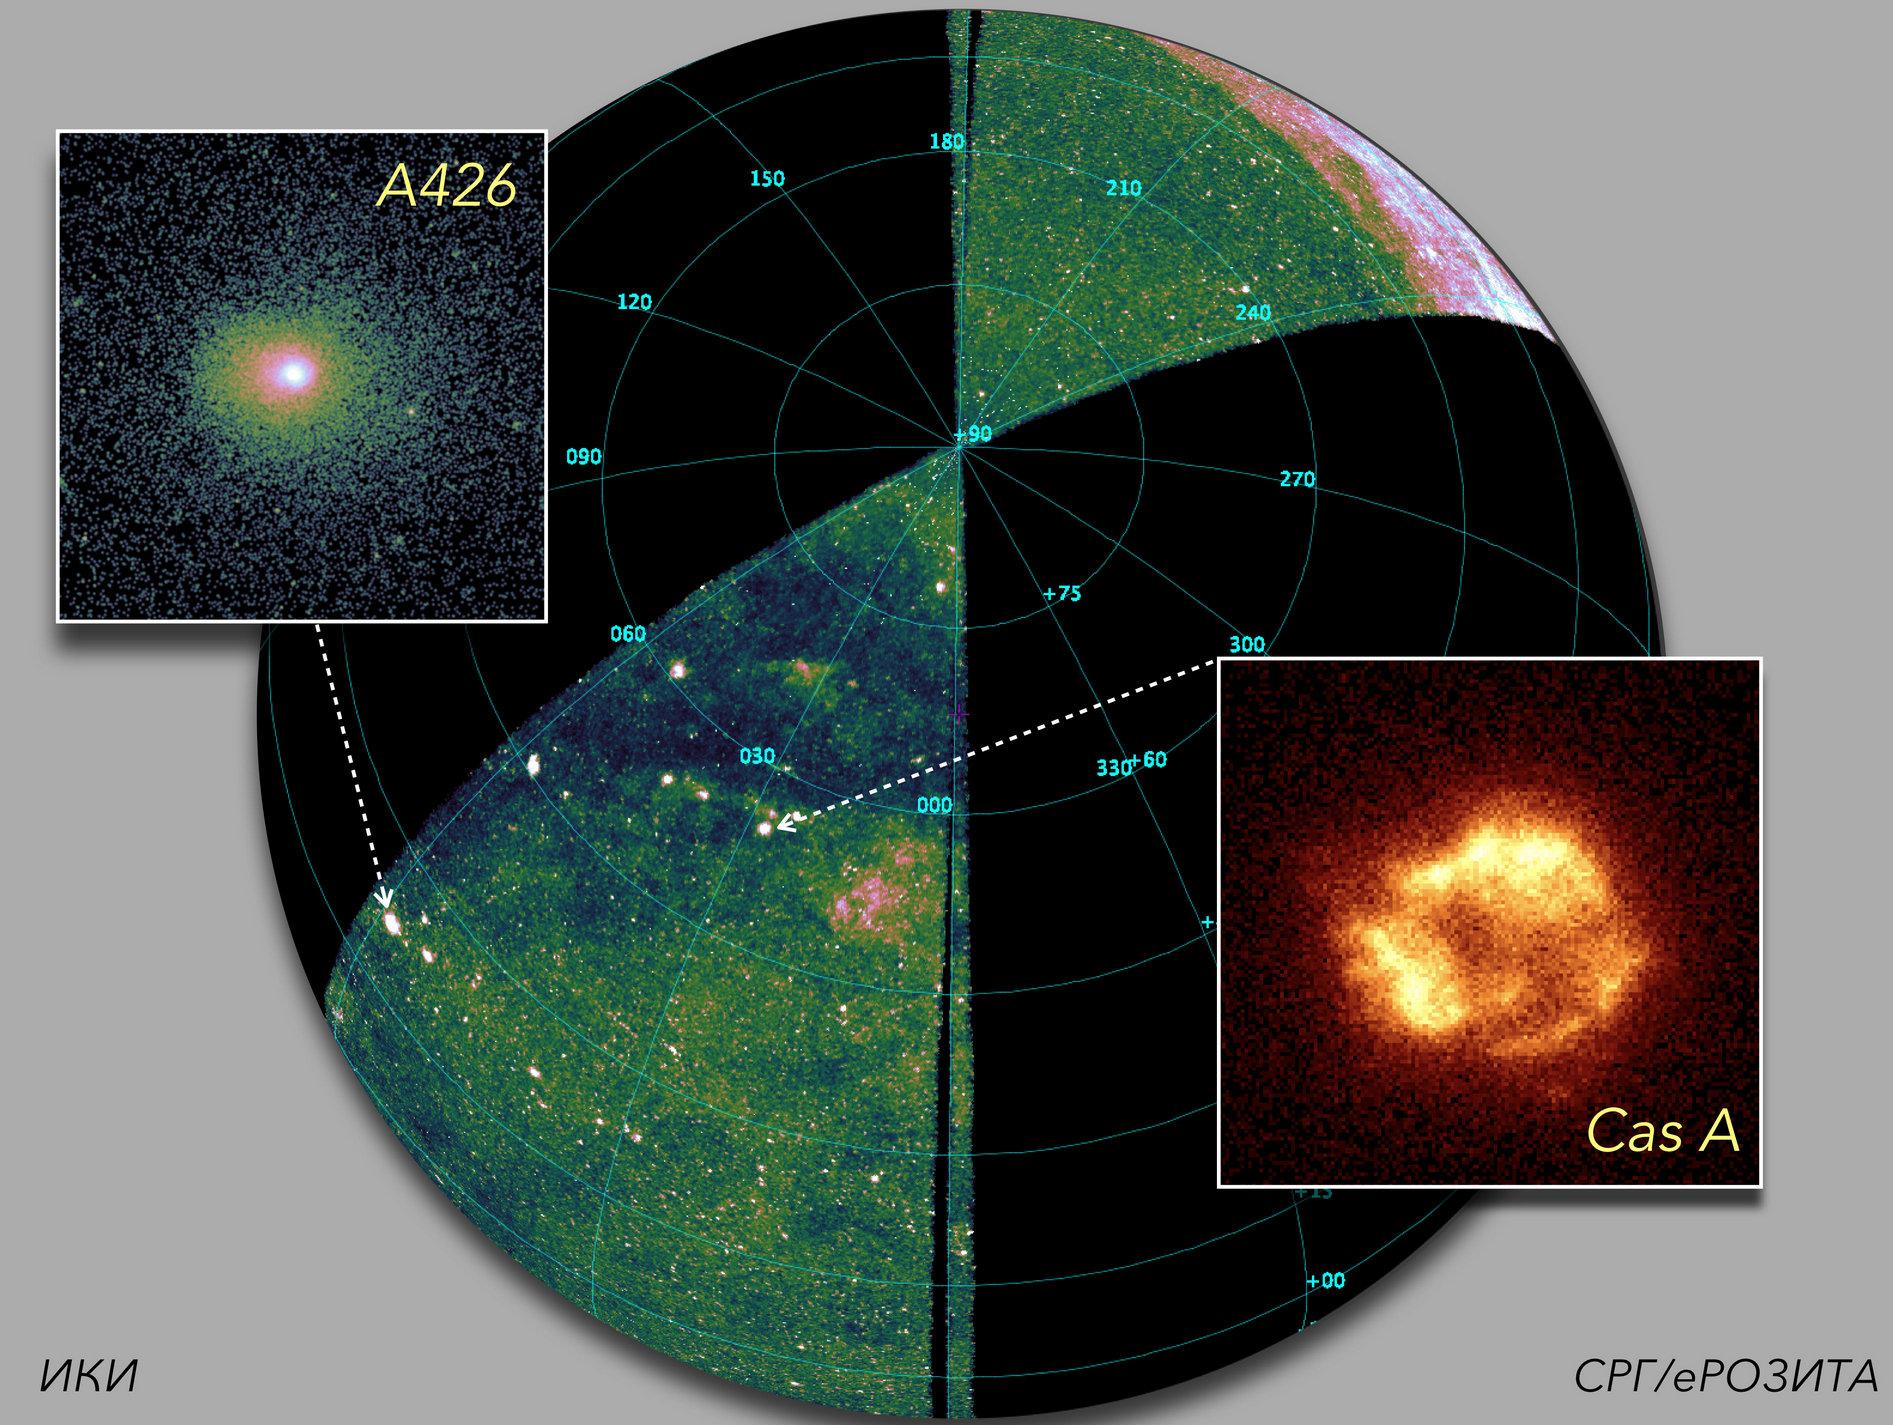 «Спектр-РГ» отсканировал уже треть небесной сферы